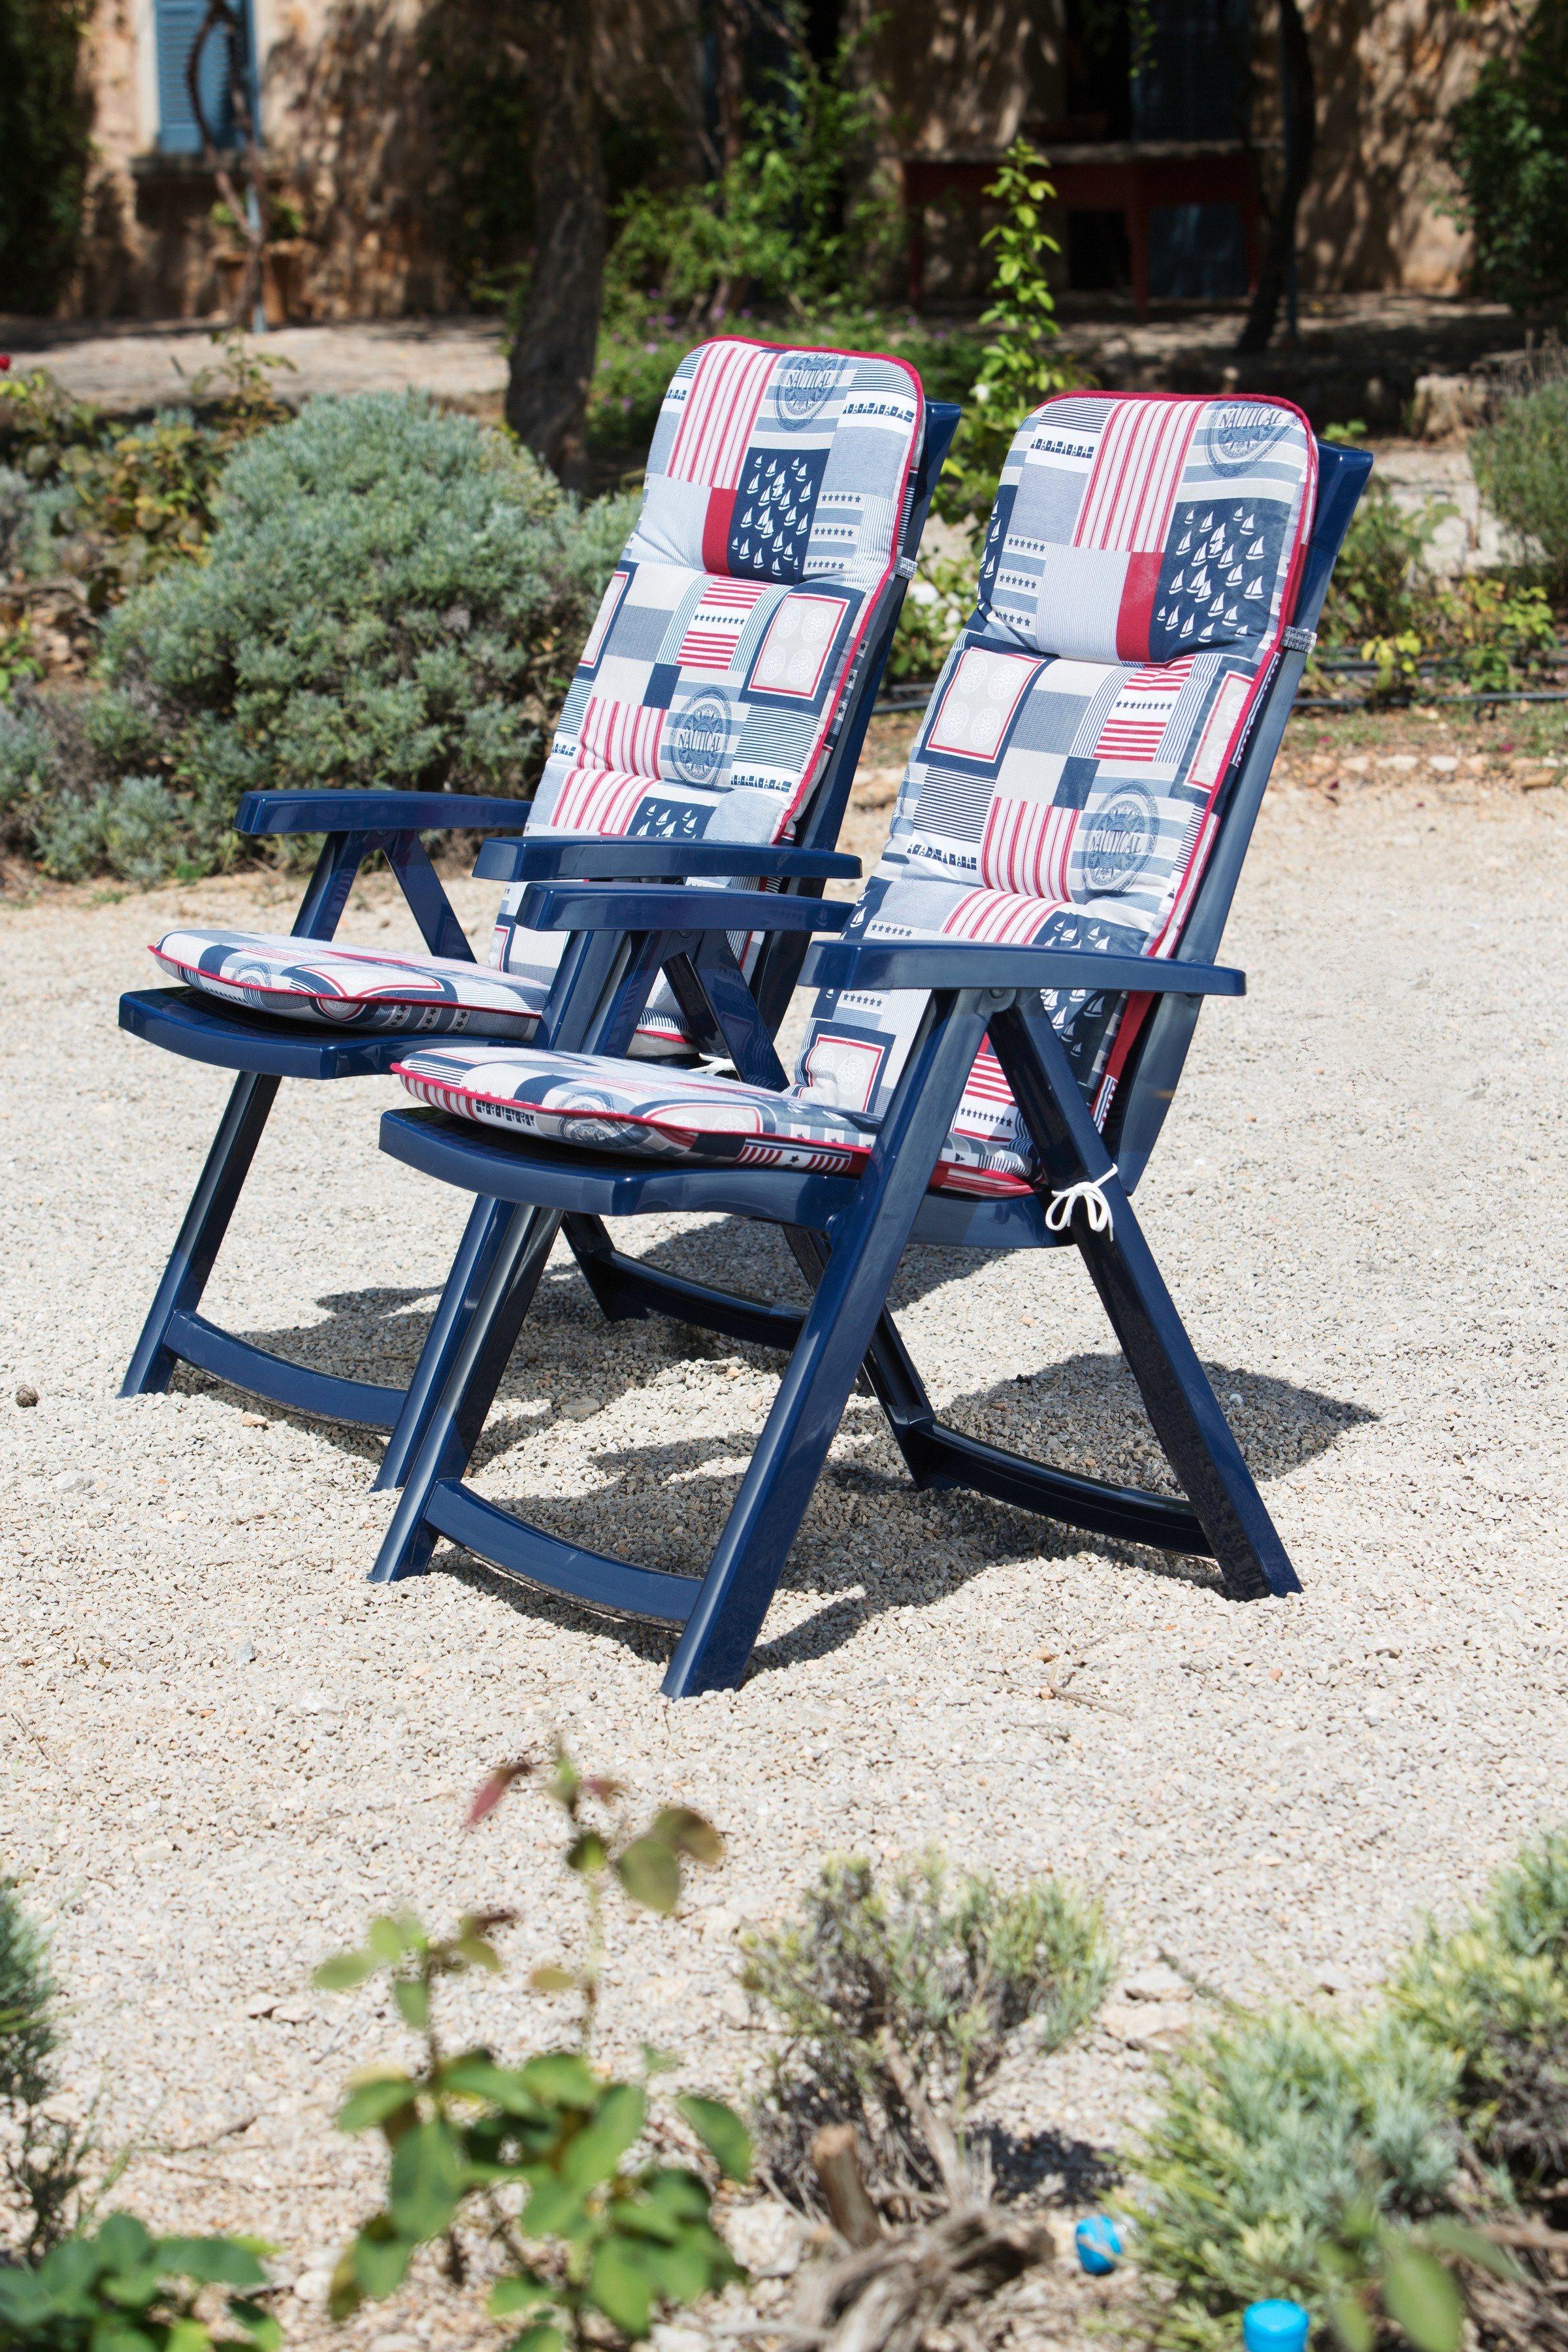 Gartenstühle online kaufen | Möbel-Suchmaschine | ladendirekt.de